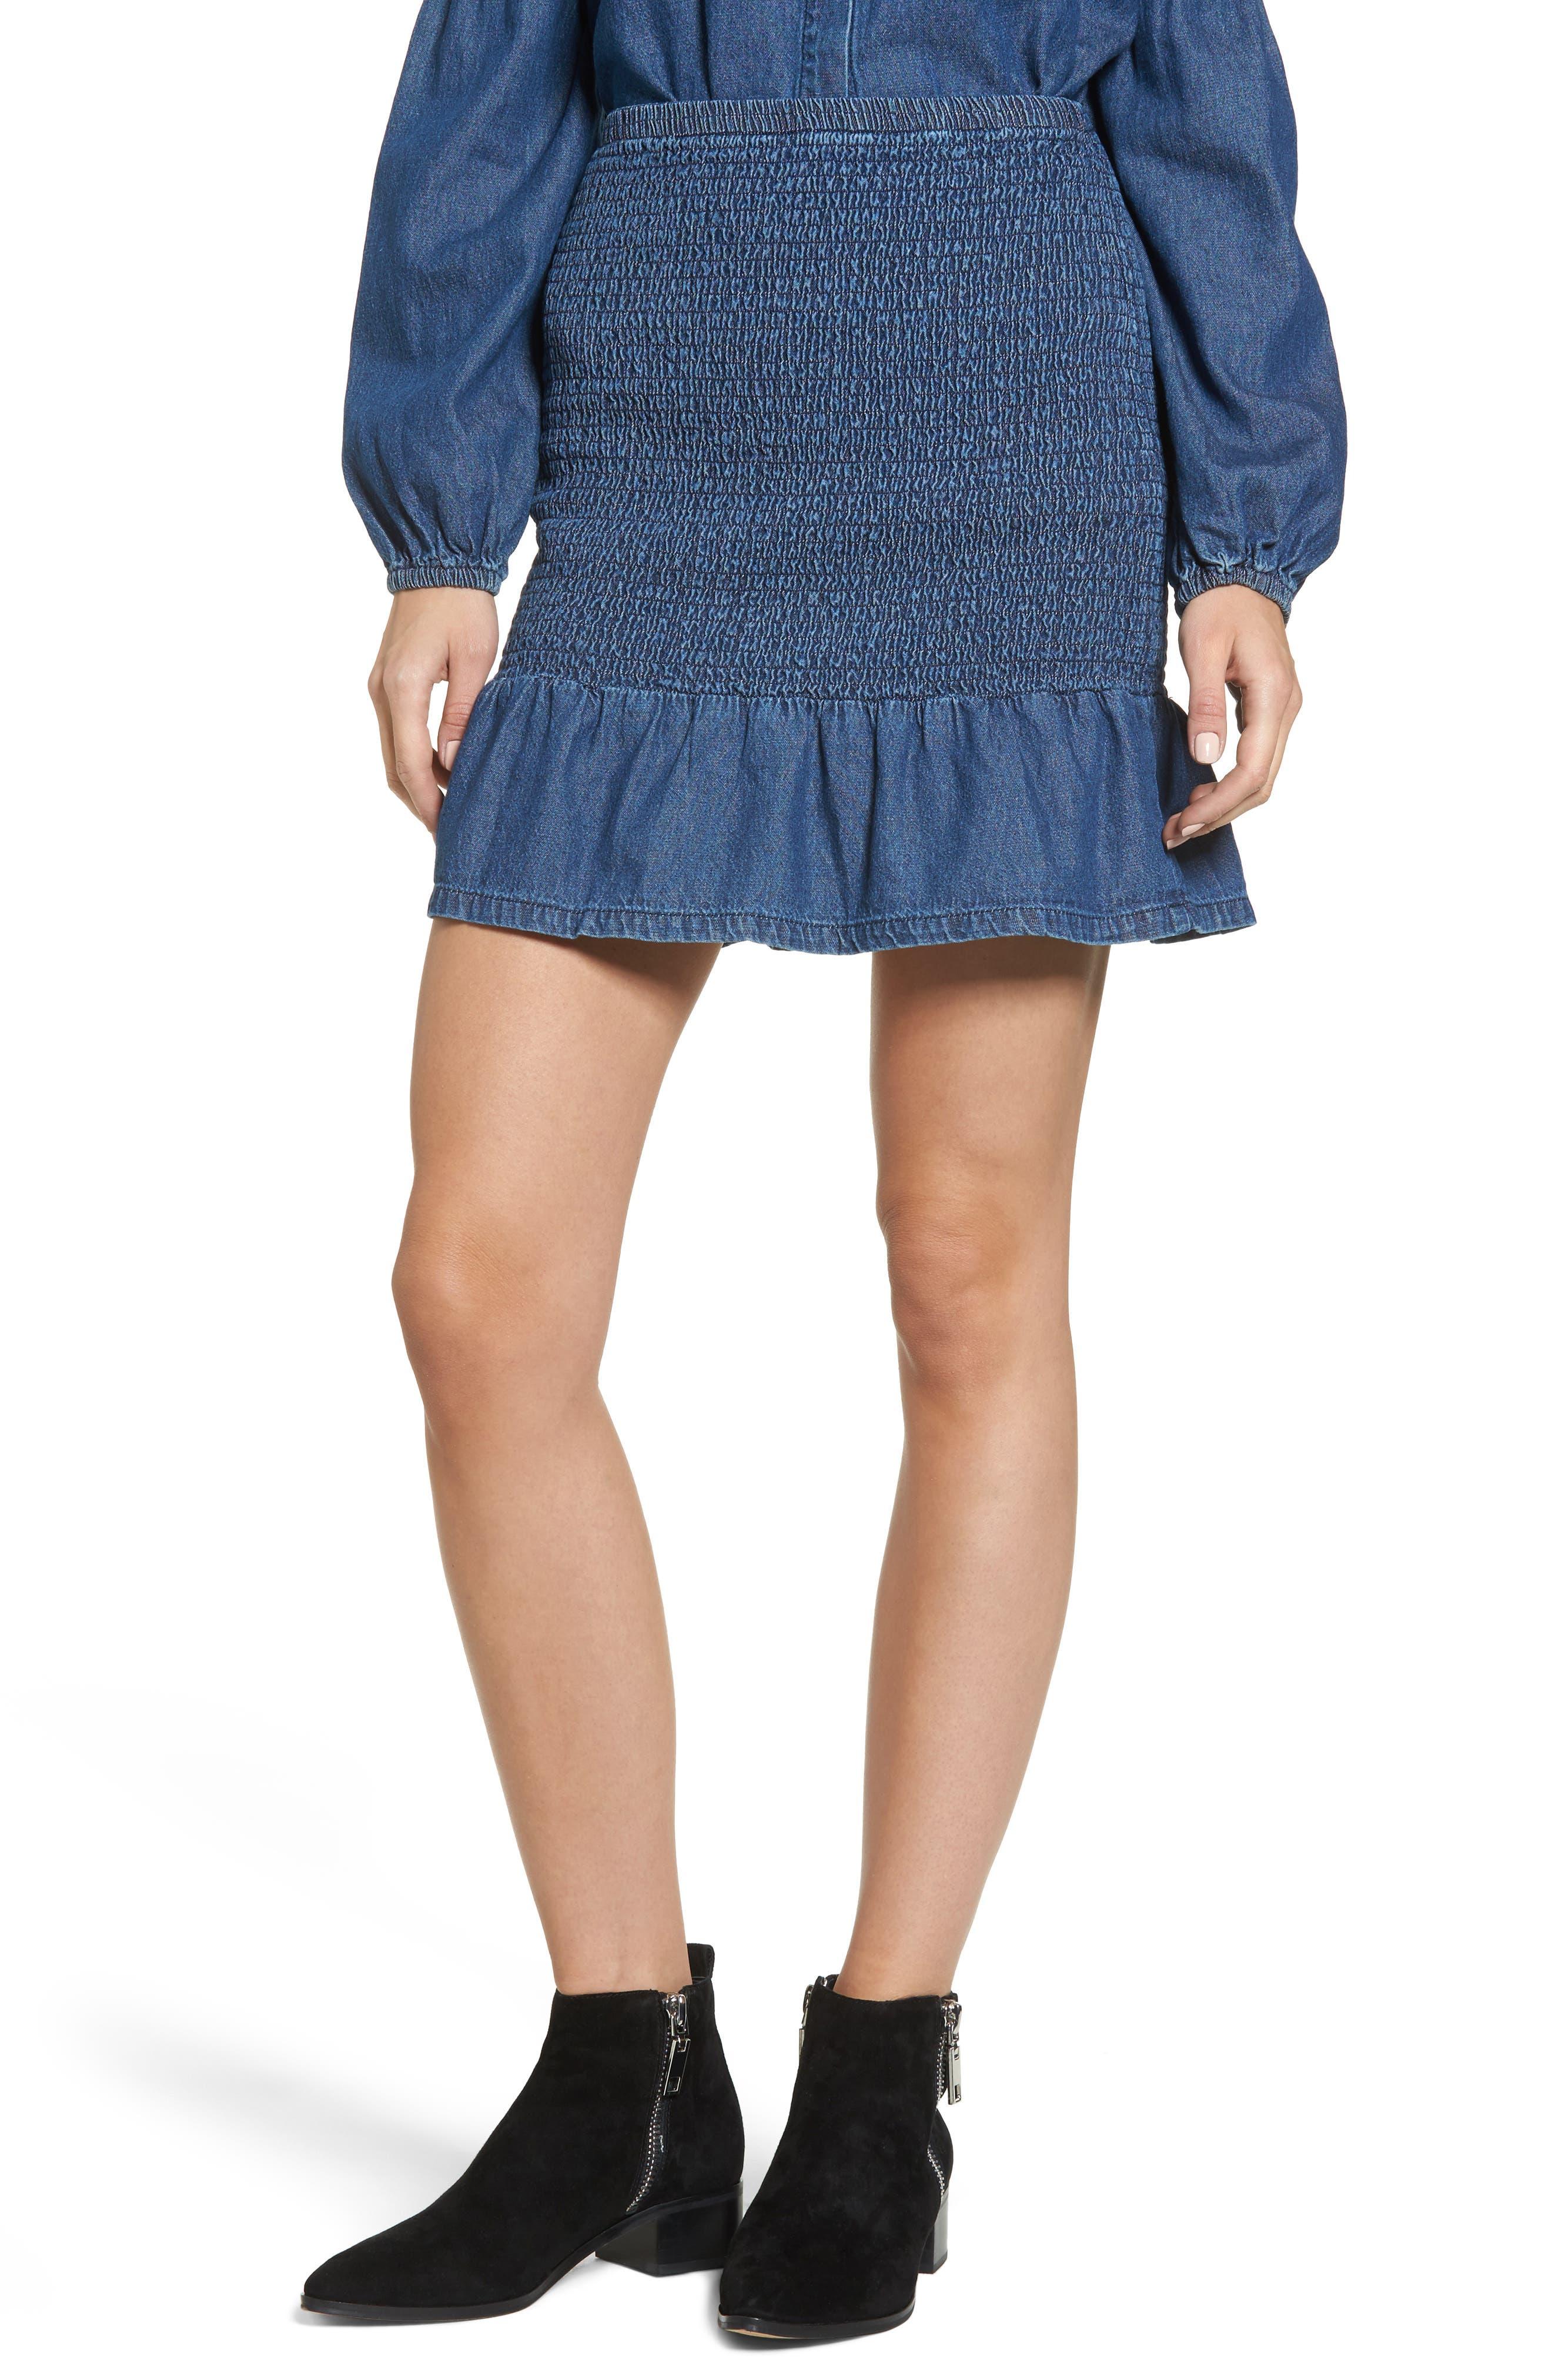 Sentiment Smocked Denim Skirt,                         Main,                         color, Washed Ink